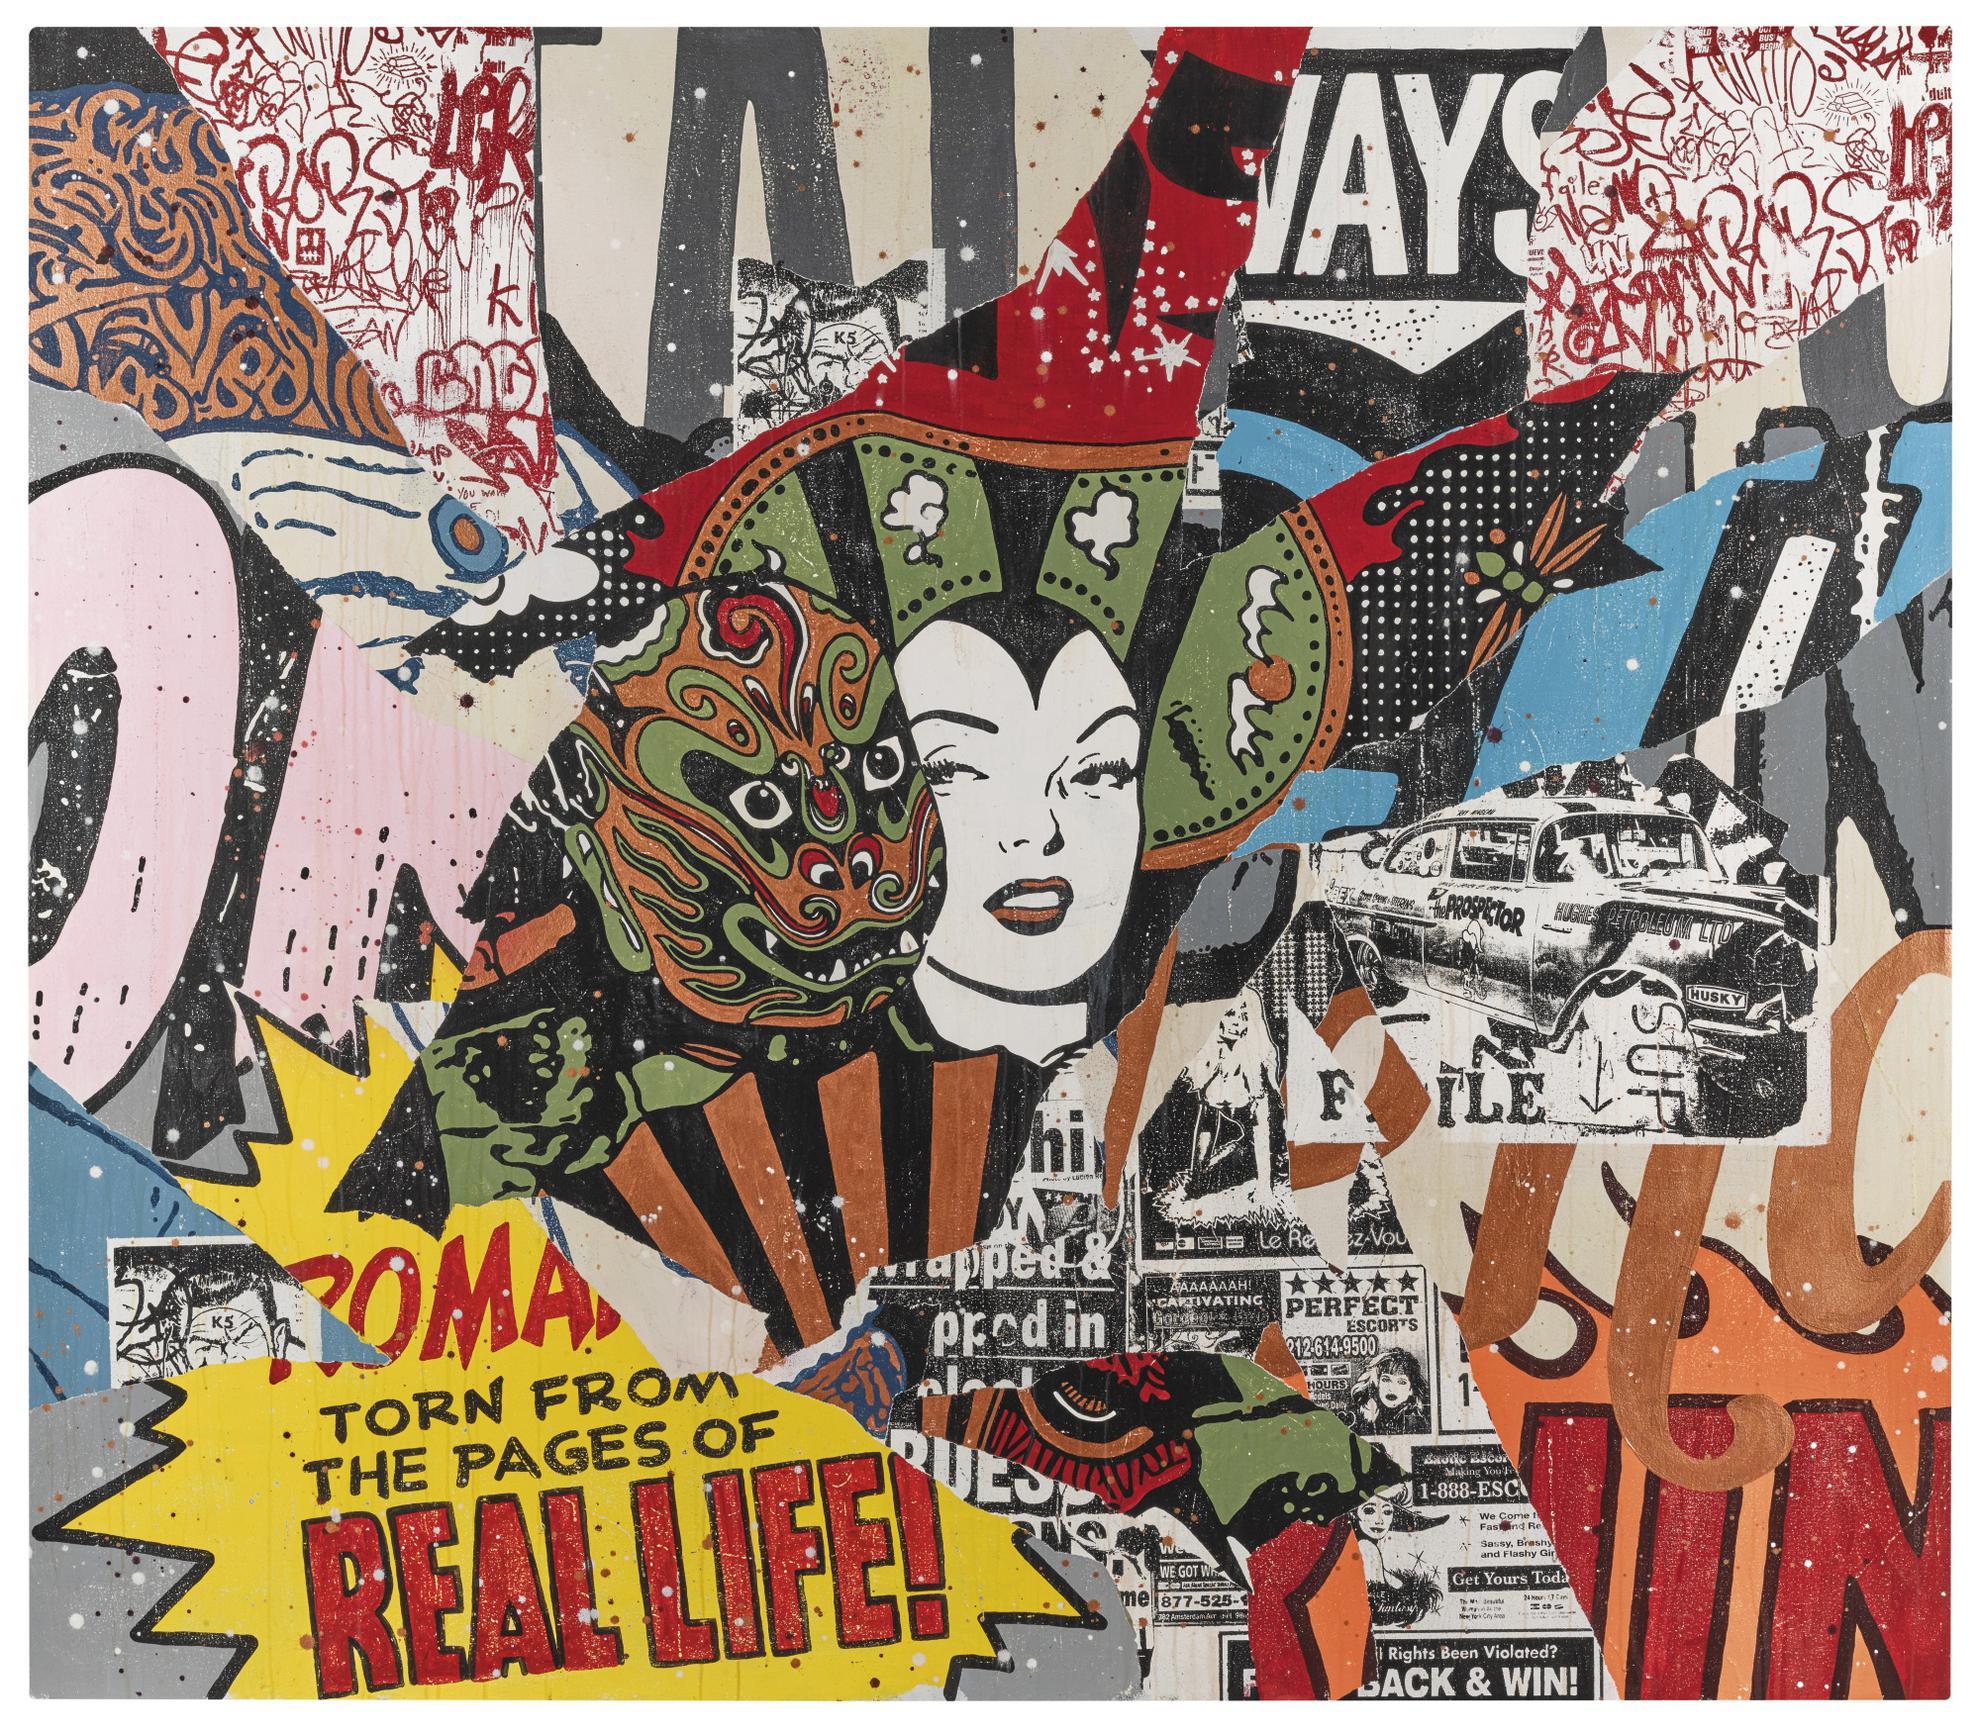 Faile-Real Life Romance-2007